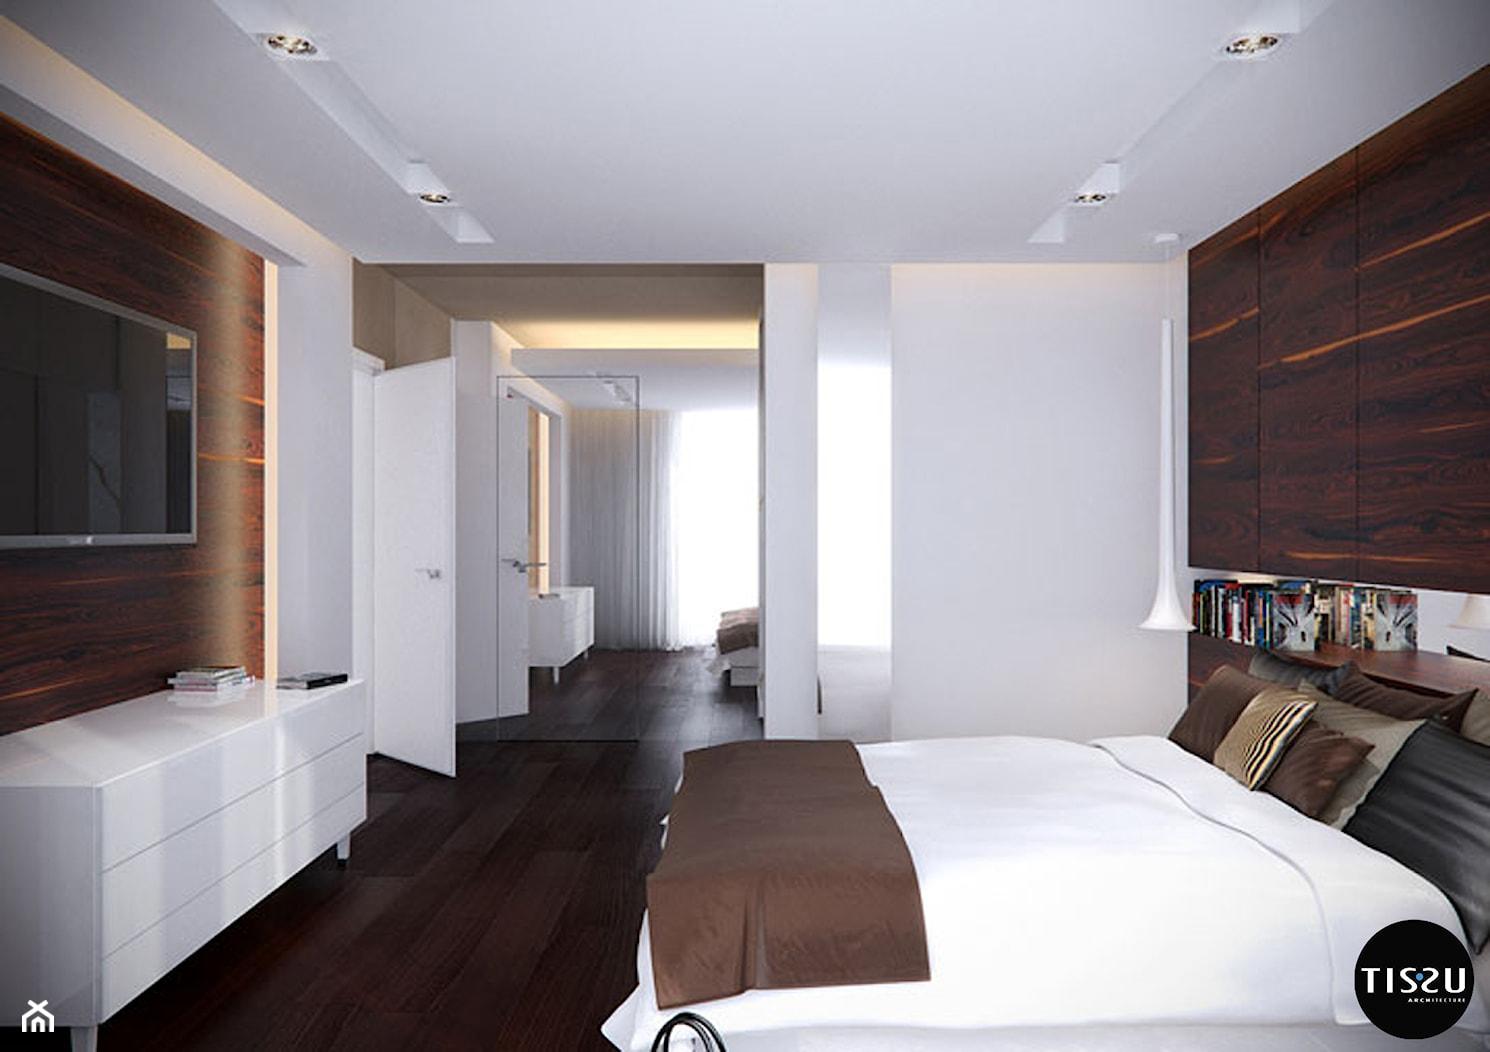 Minimalizm lekko ozdobiony w domu w Nowej Wsi – Tissu. - zdjęcie od TissuArchitecture - Homebook